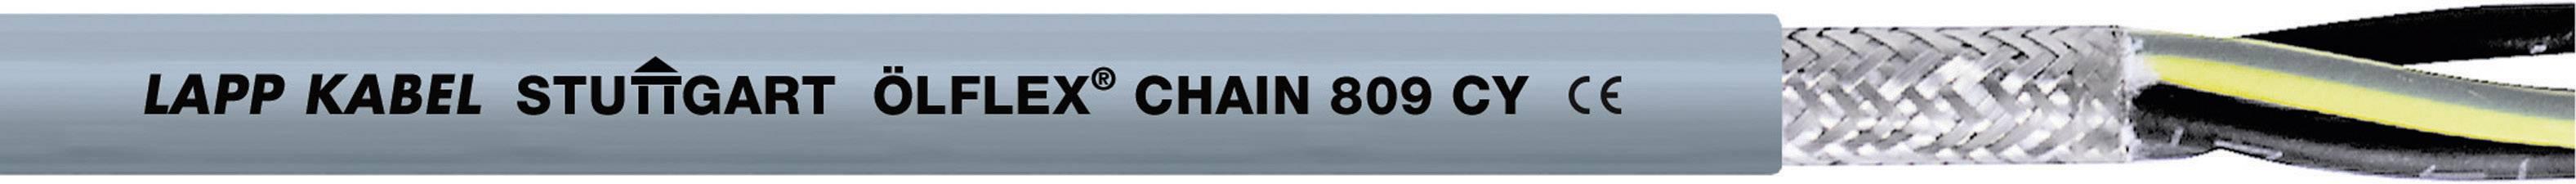 Žíla kabelu LappKabel ÖLFLEX CHAIN 809 CY 3G1,0 (1026768), 3x 1 mm², PVC, Ø 6,9 mm, stíněný, 100 m, šedá